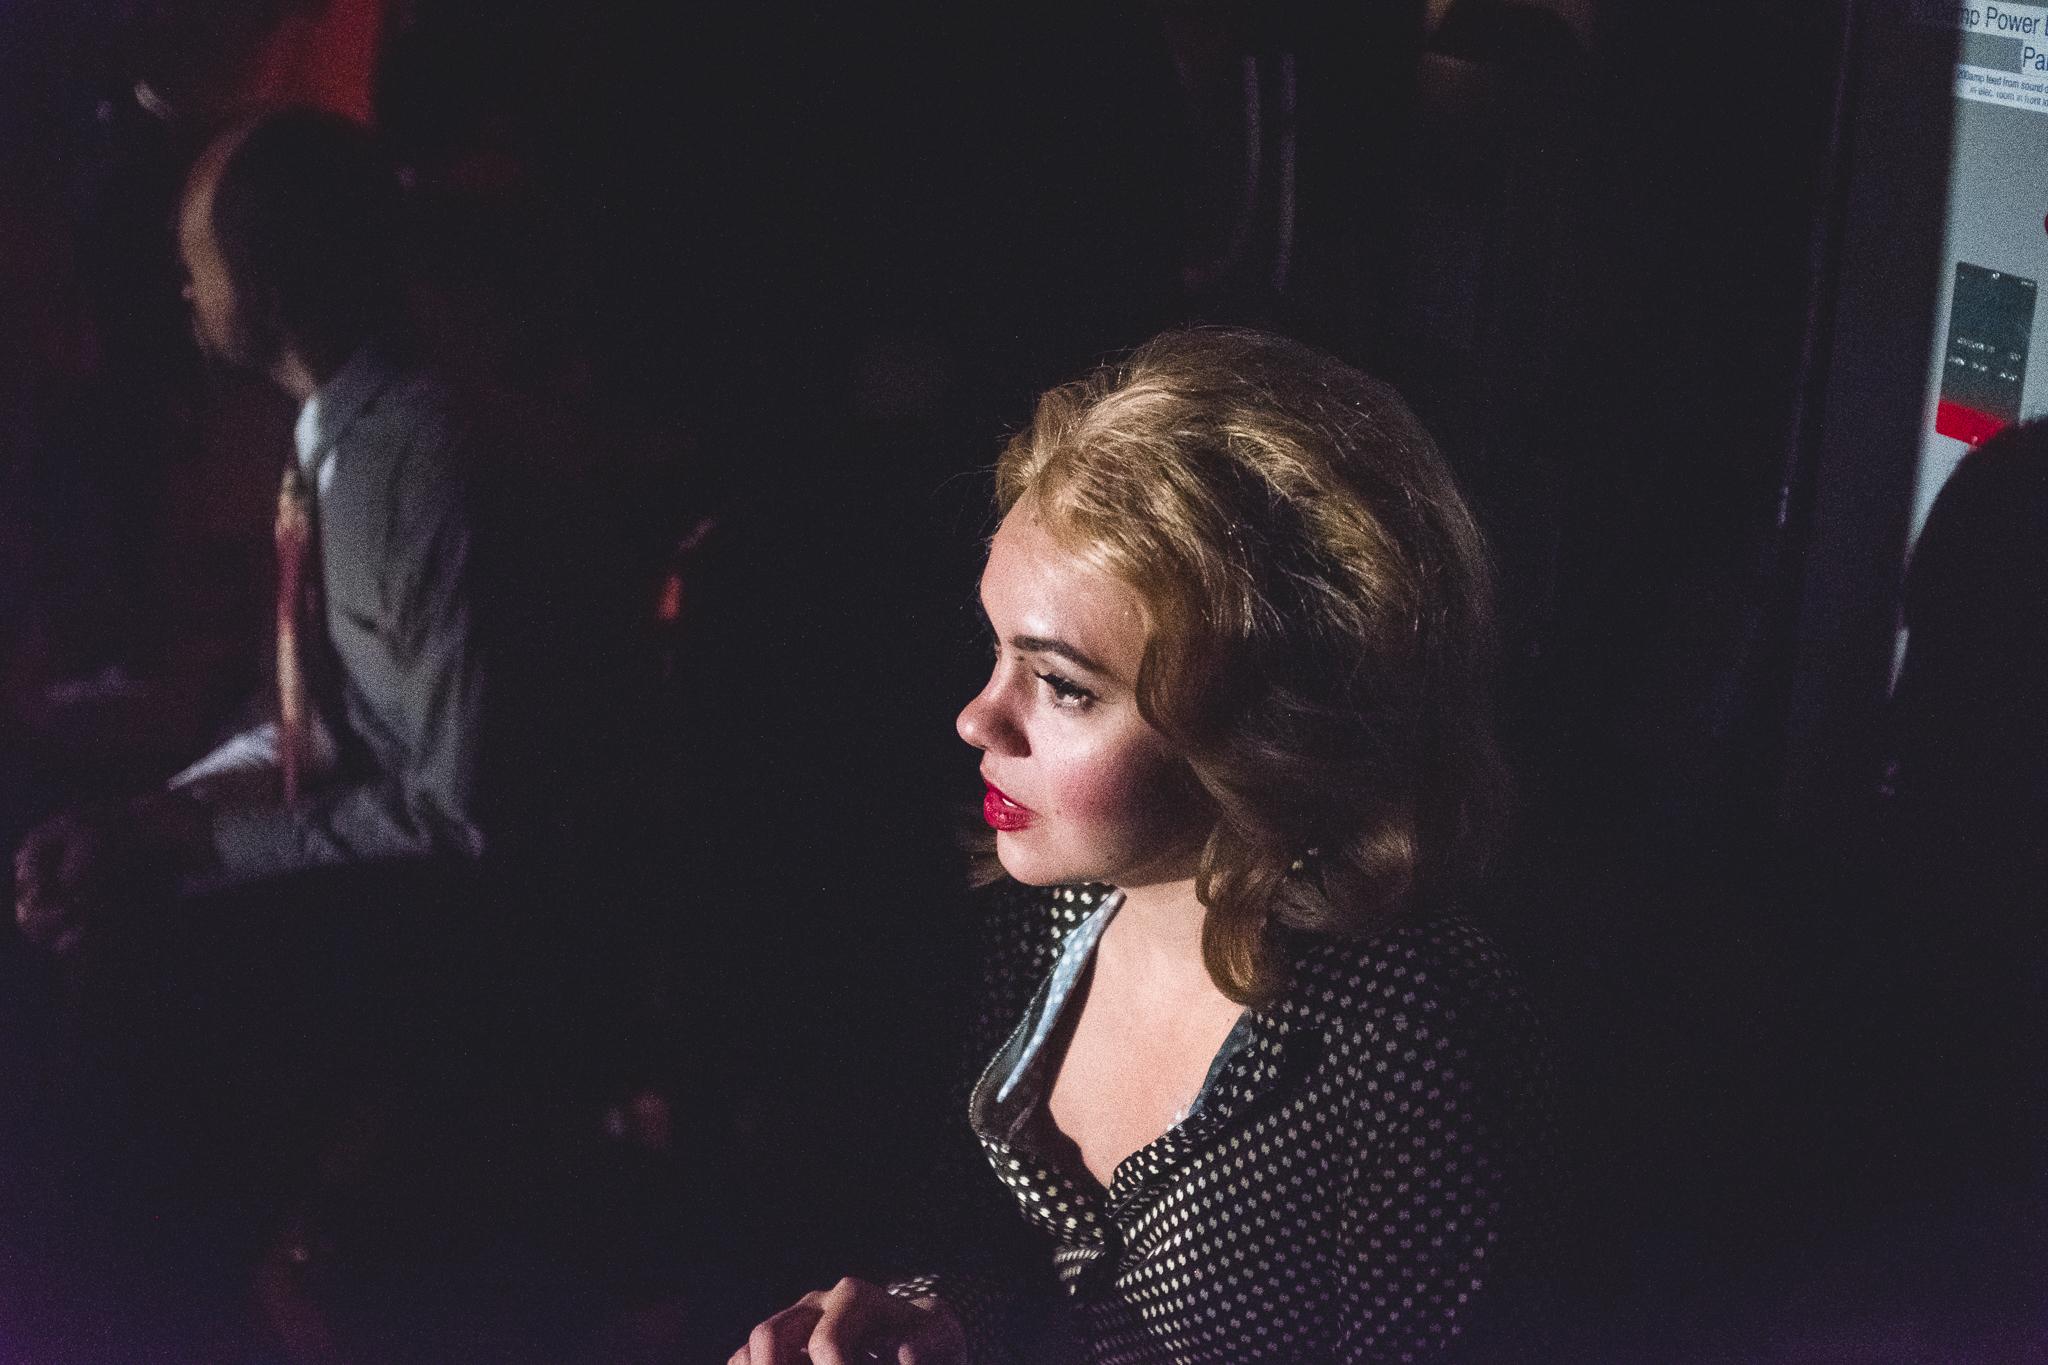 9.)Merrily_Backstage_Nile Scott Shots.jpg